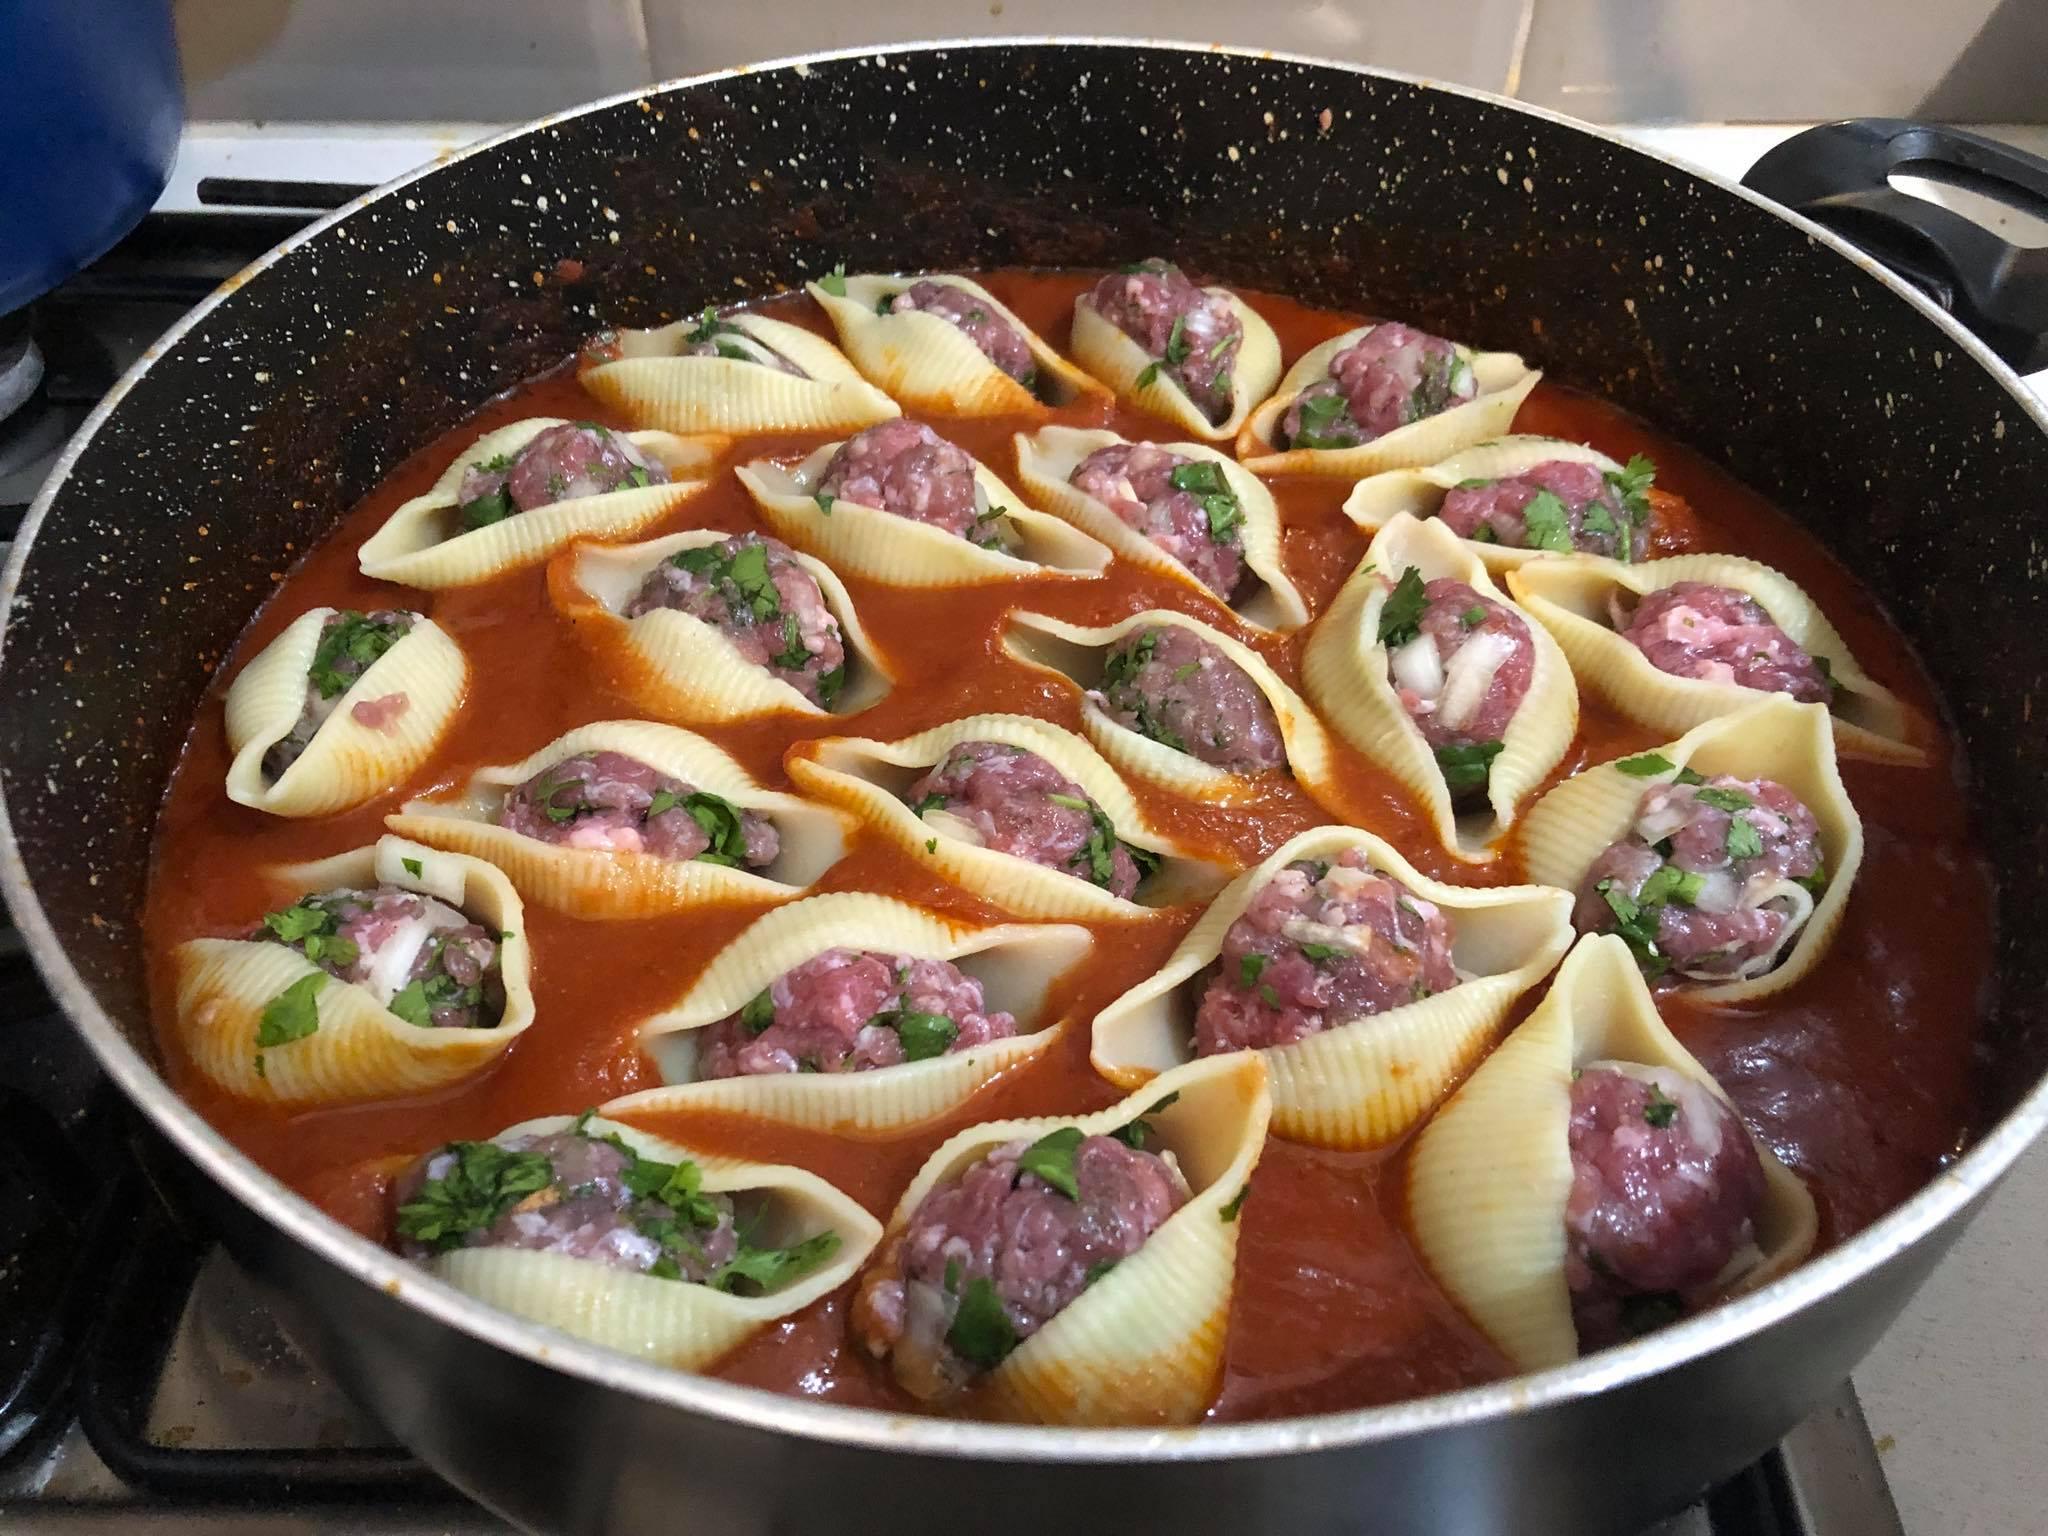 קונכיות פסטה ממולאות בבשר